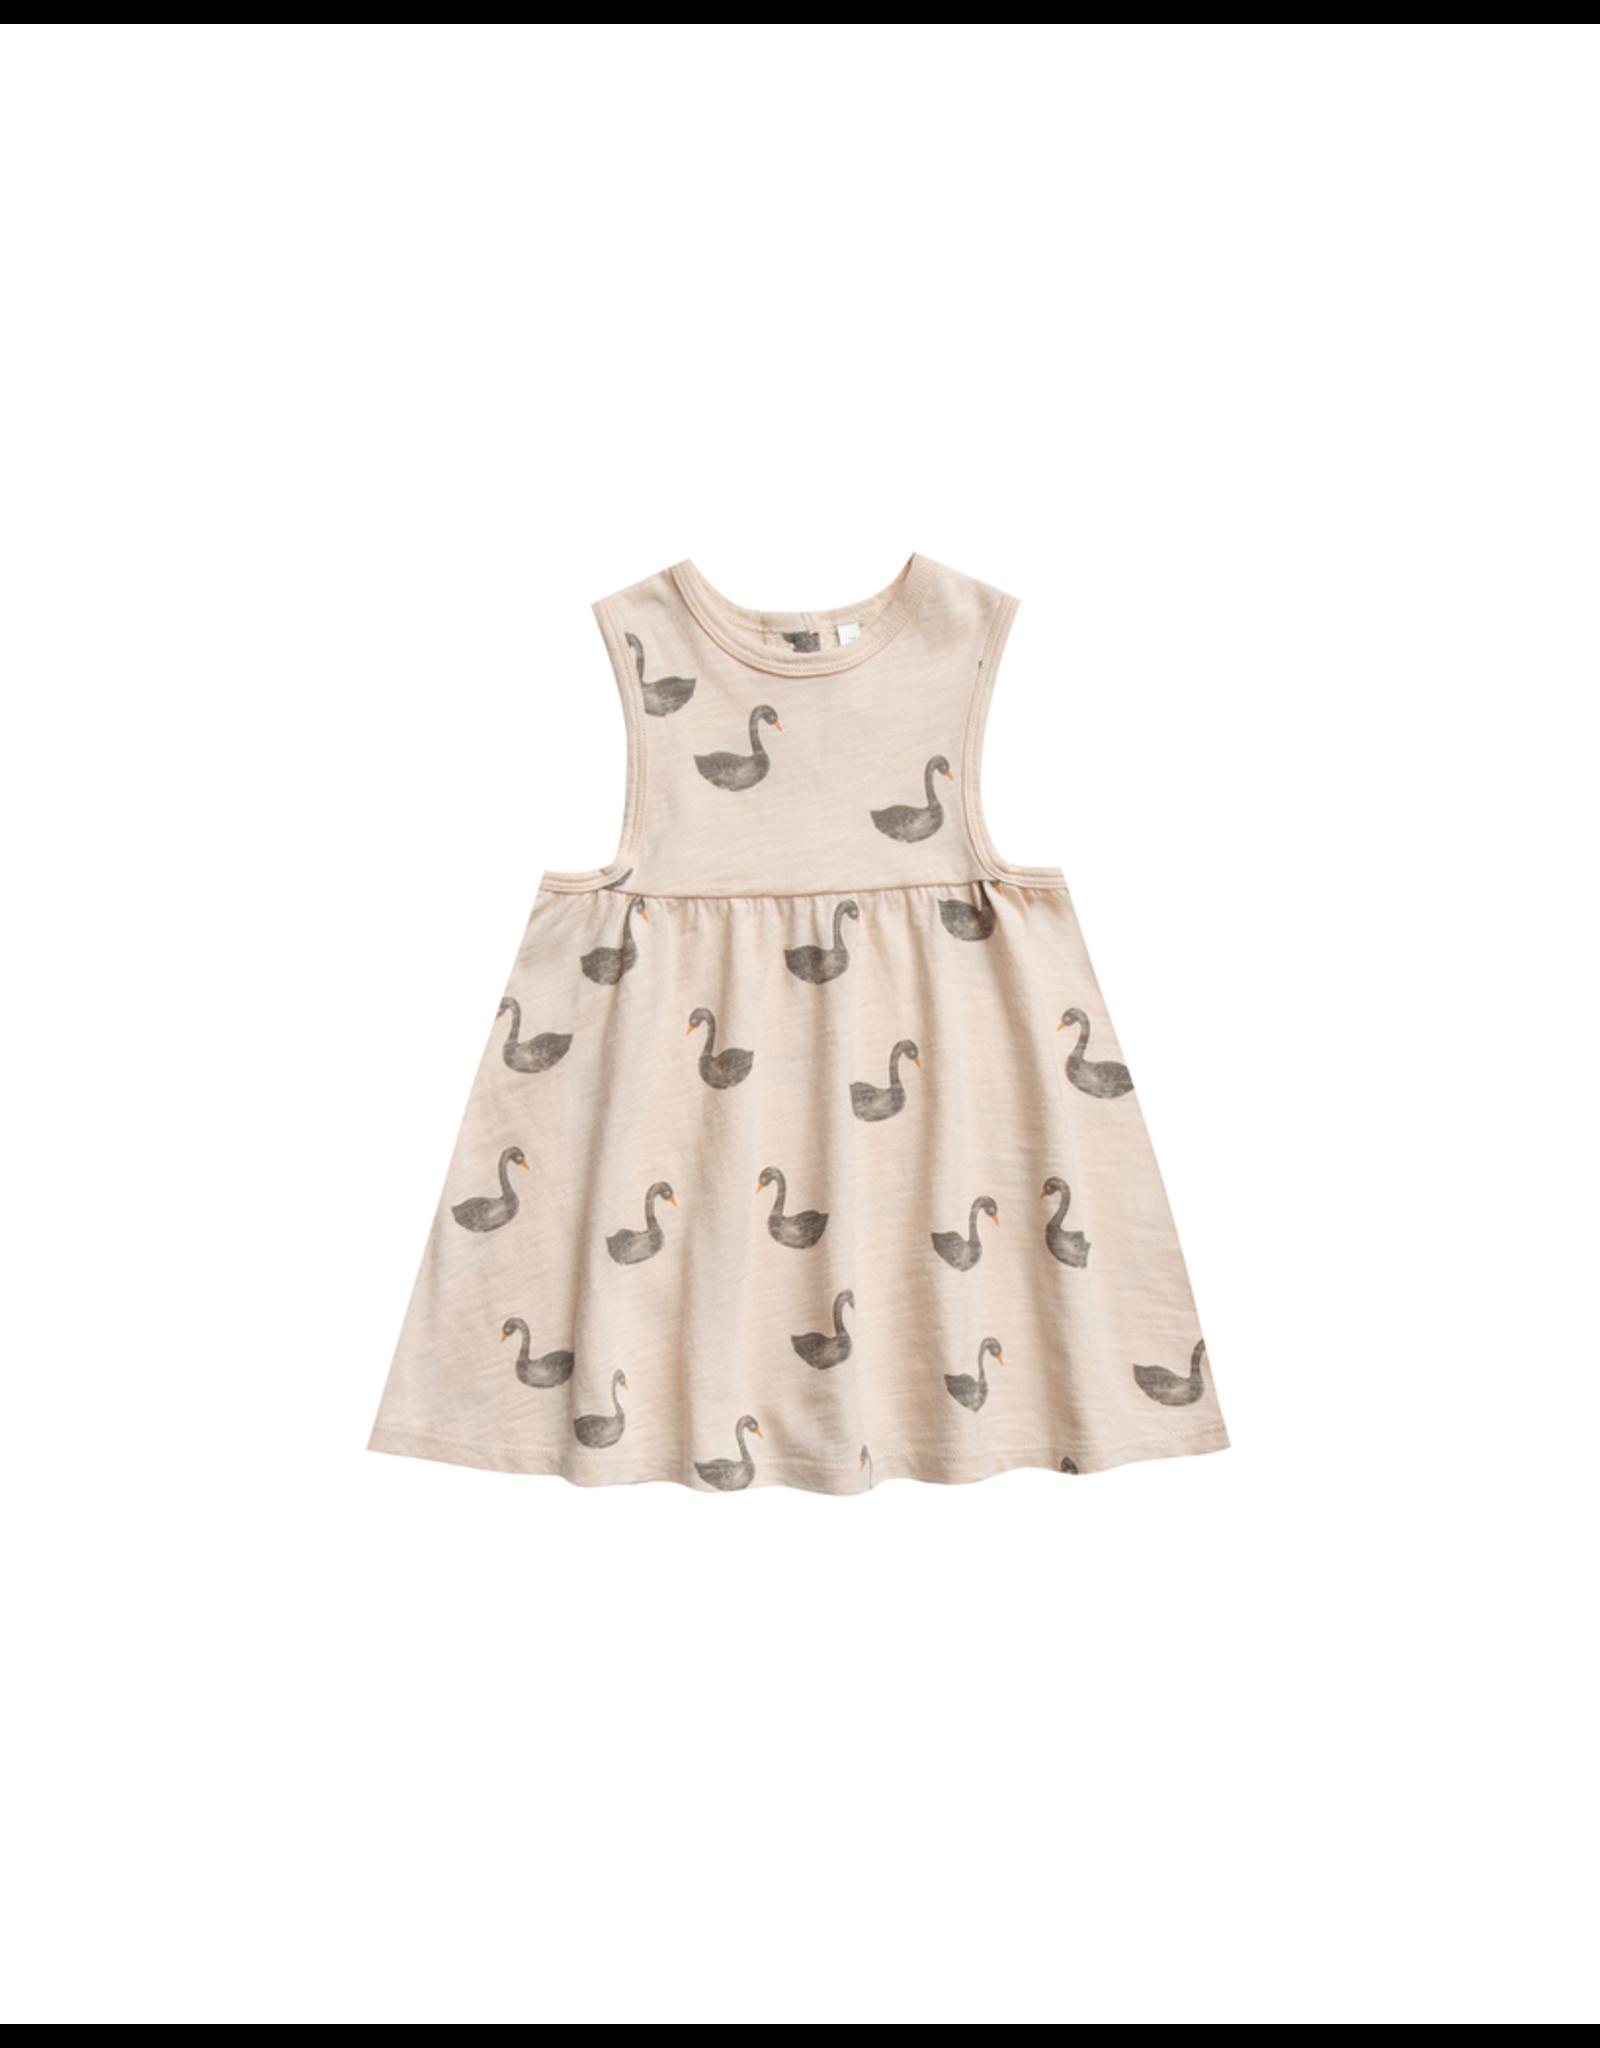 rylee cru layla swans dress